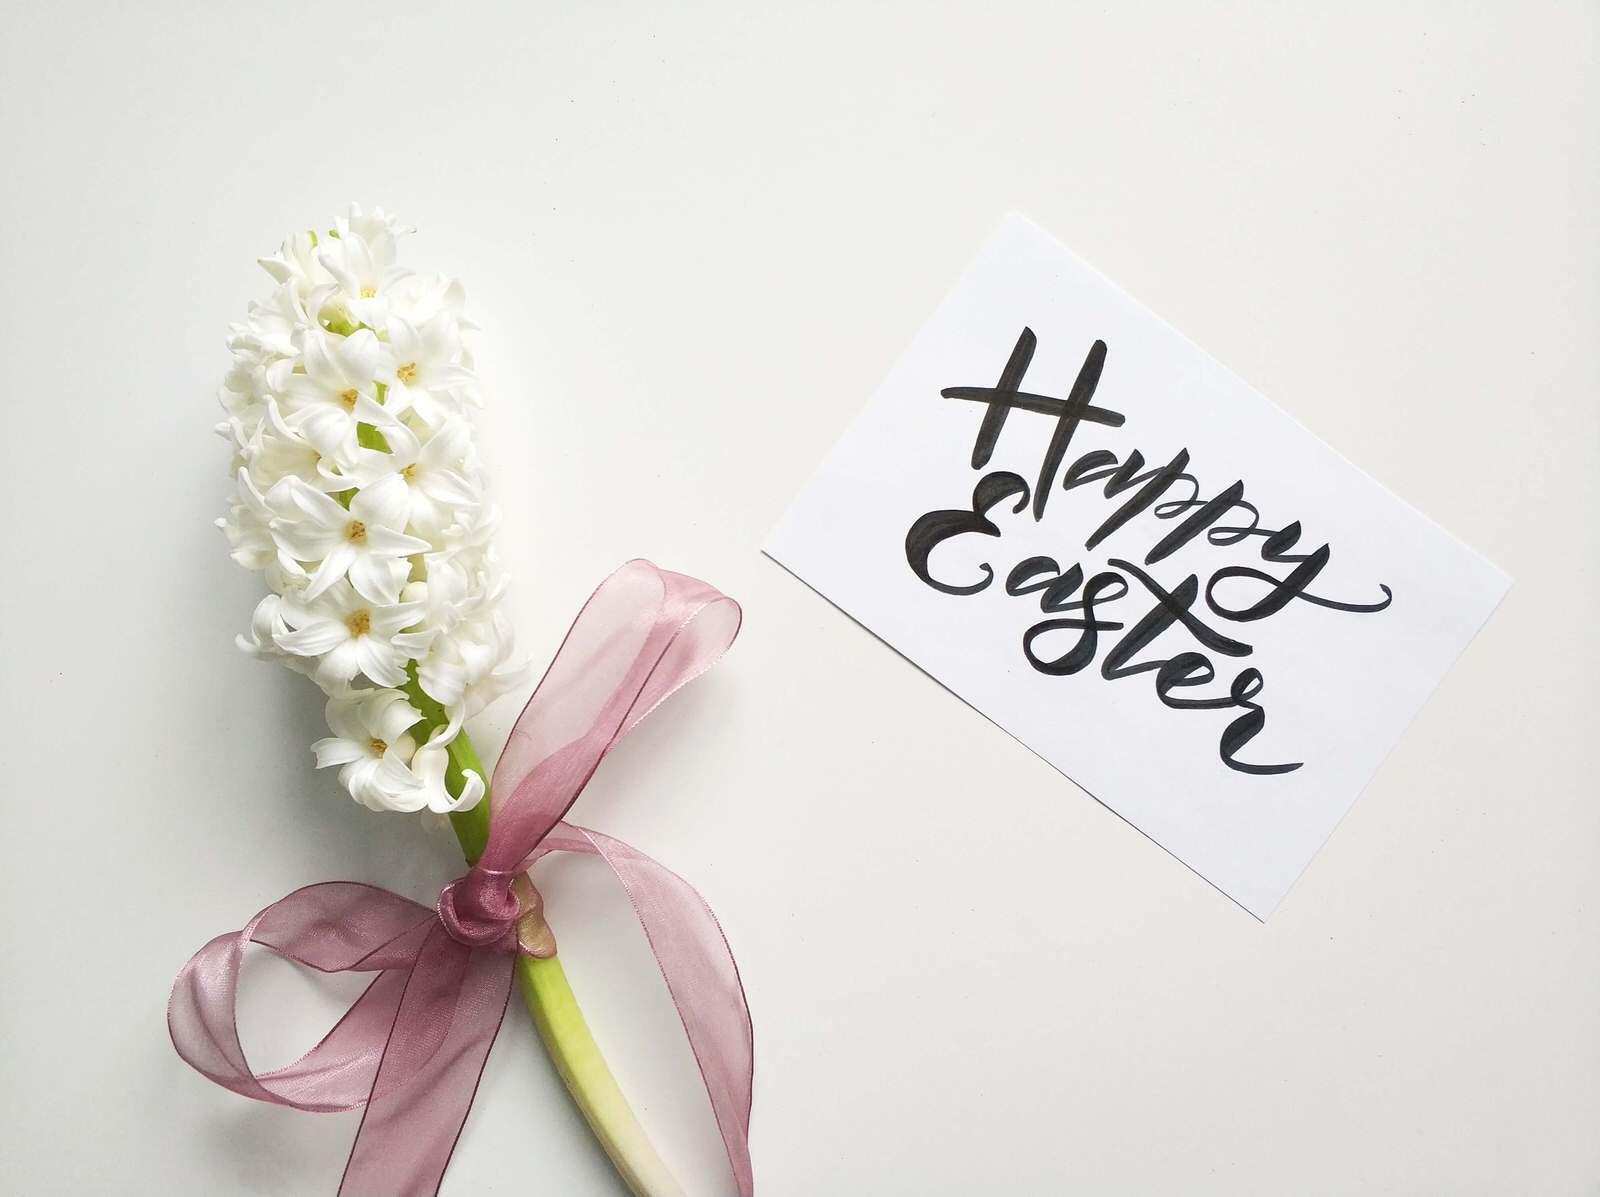 Поздравляем католиков всего мира с праздником Пасхи! - UniverPL